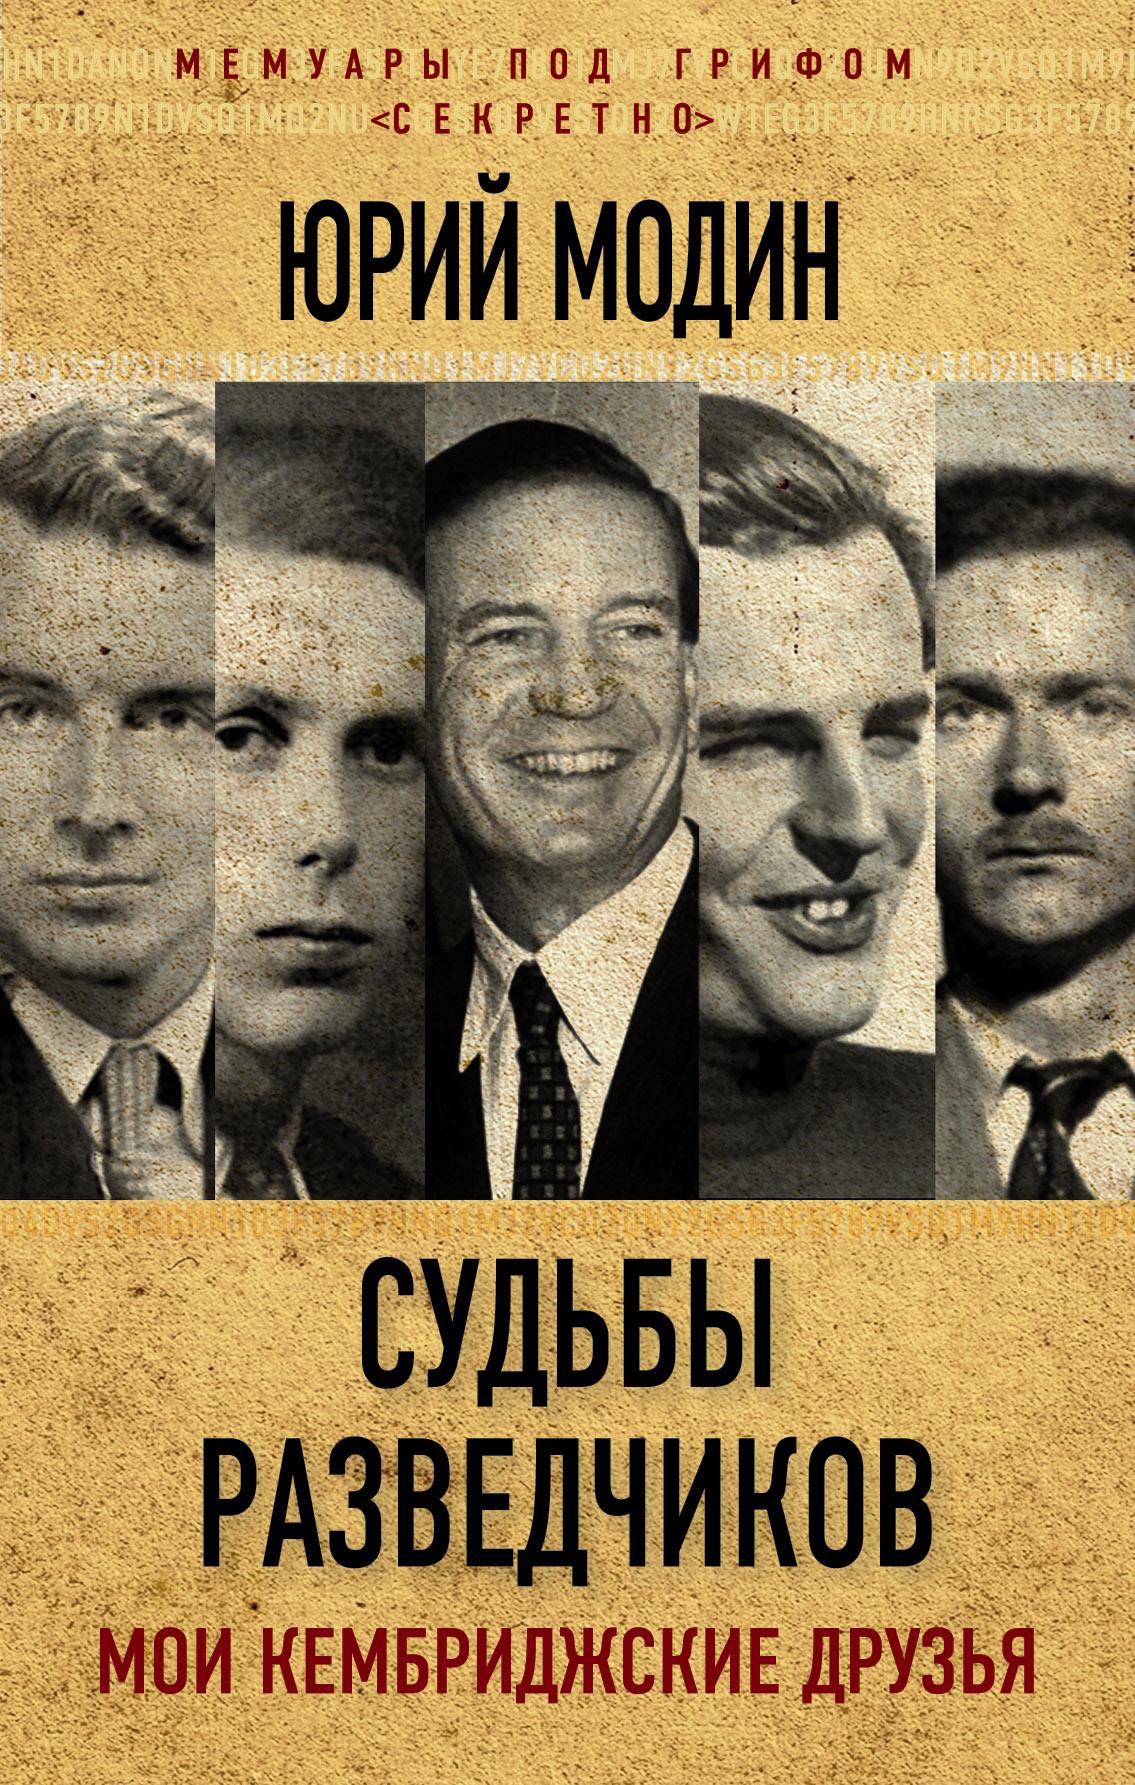 Юрий Модин «Судьбы разведчиков. Мои кембриджские друзья»